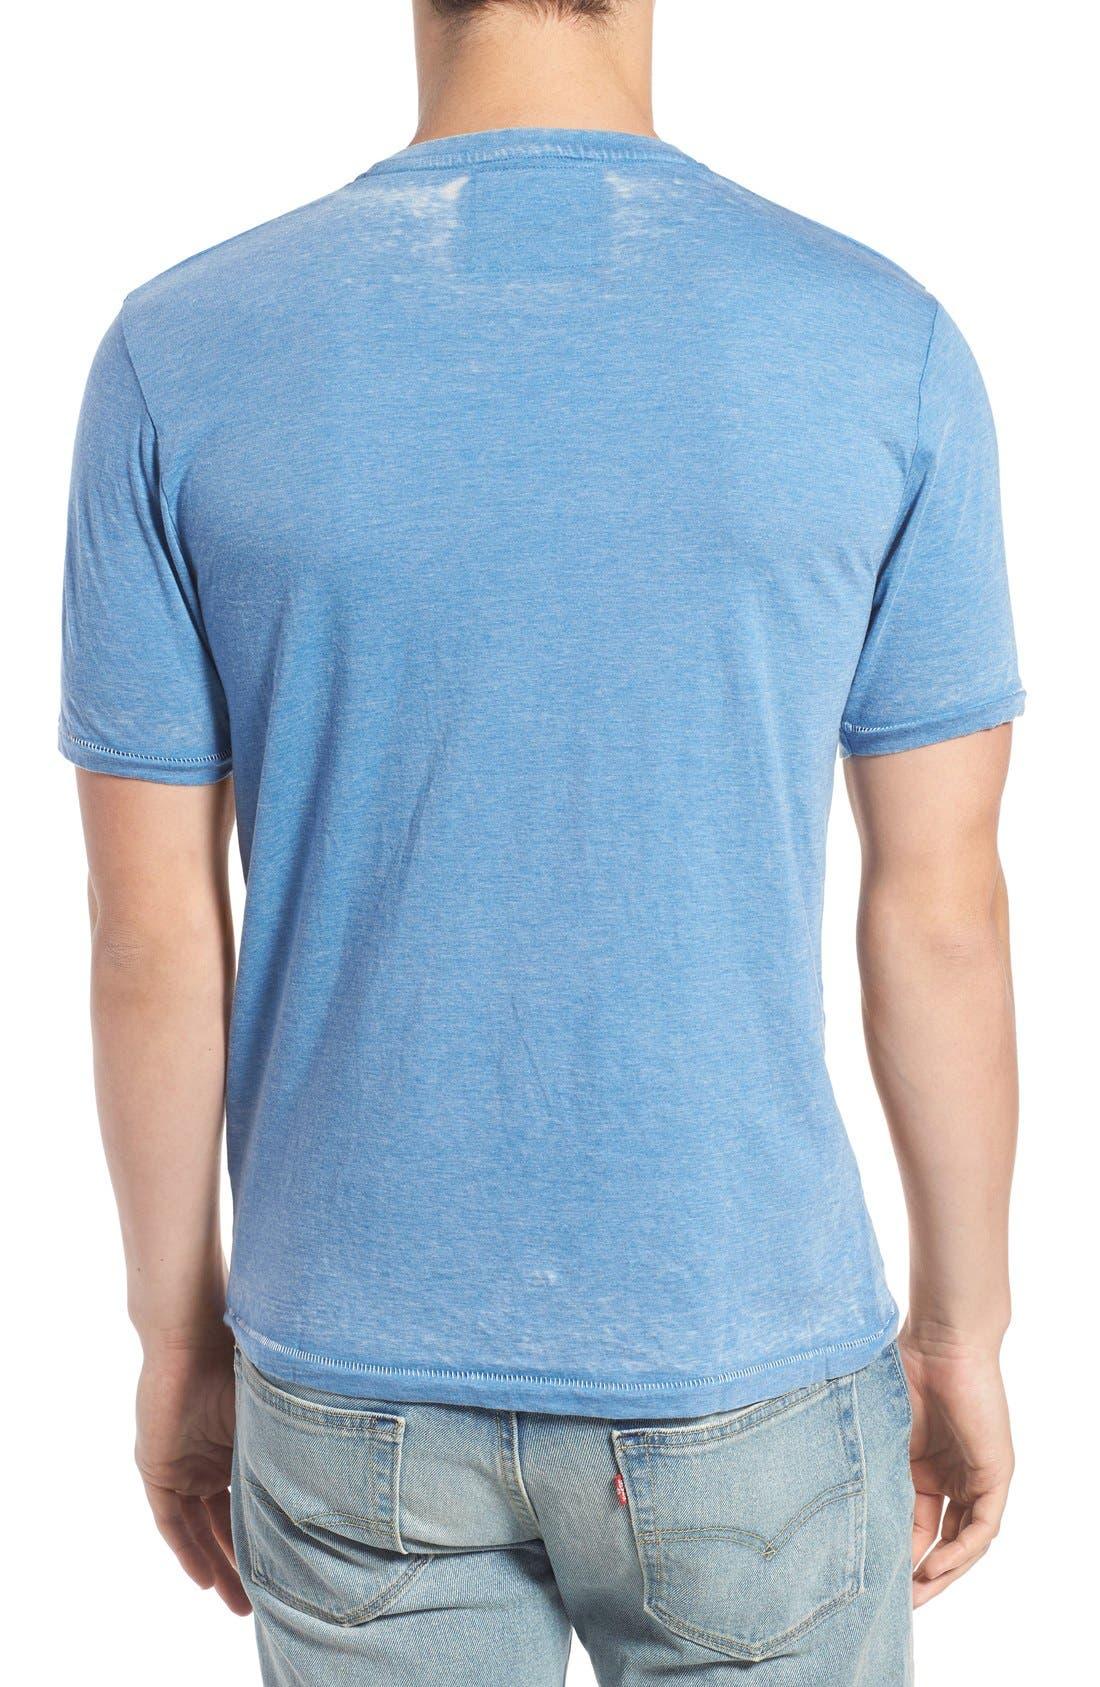 'Saint Louis Cardinals - Calumet' Graphic V-Neck T-Shirt,                             Alternate thumbnail 10, color,